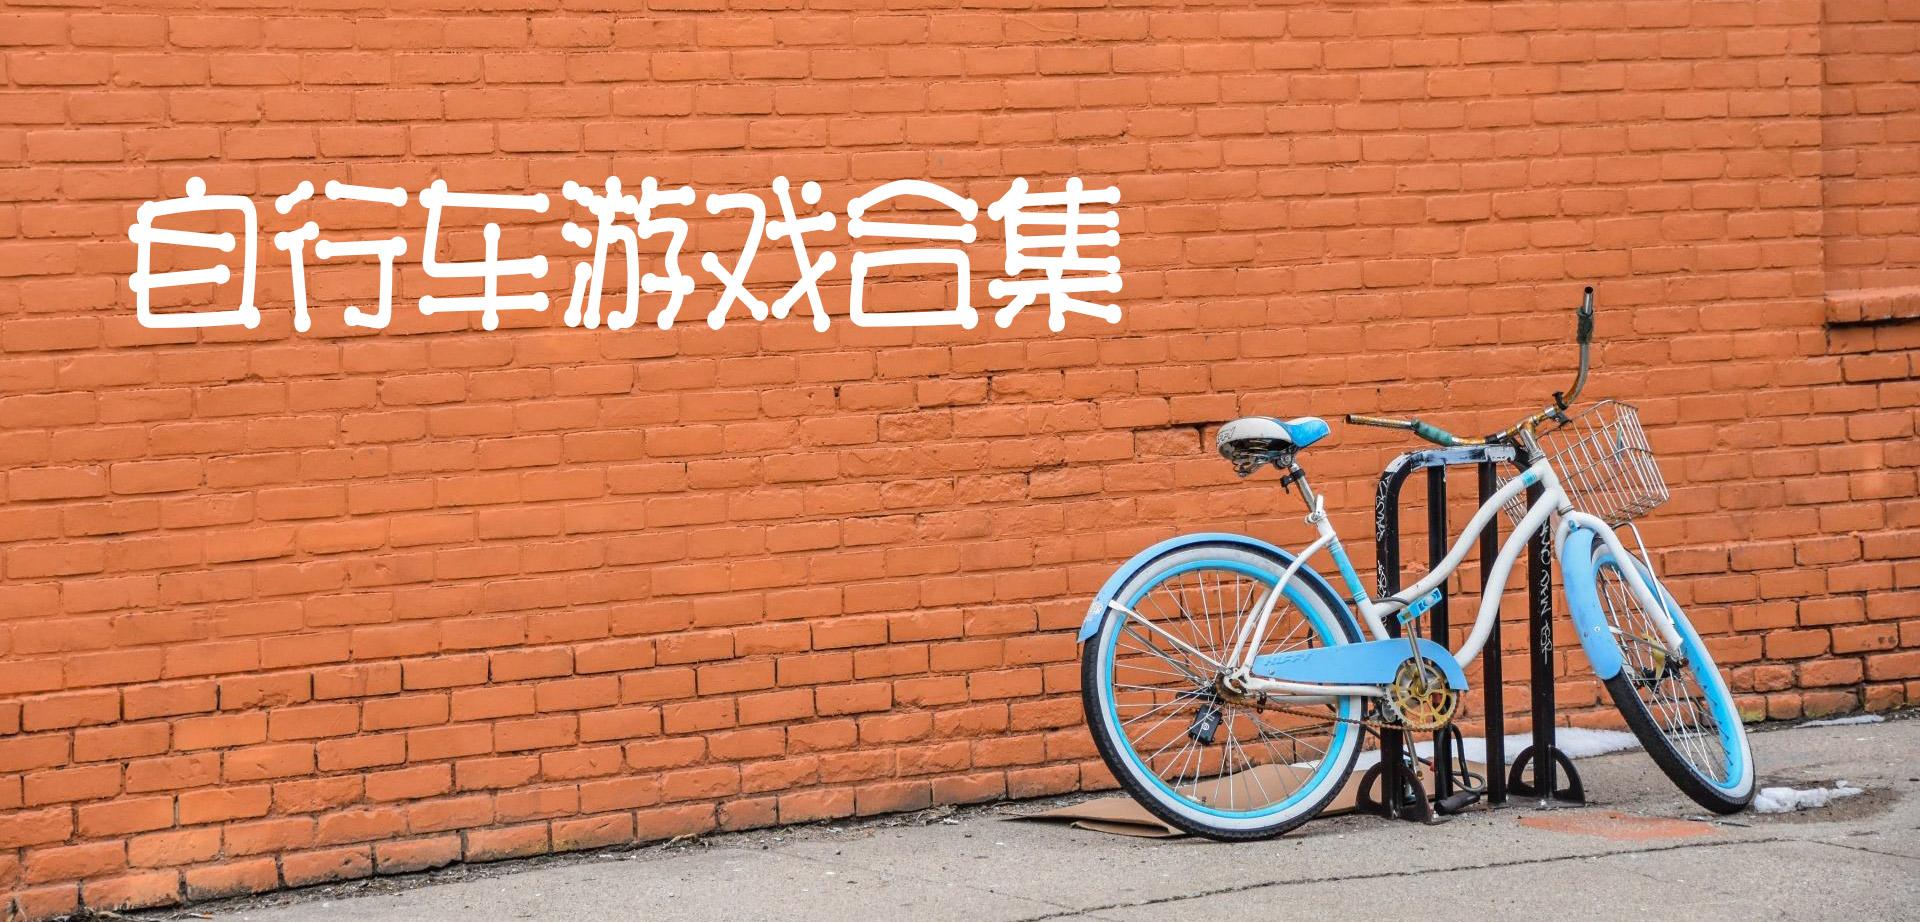 自行车游戏合集